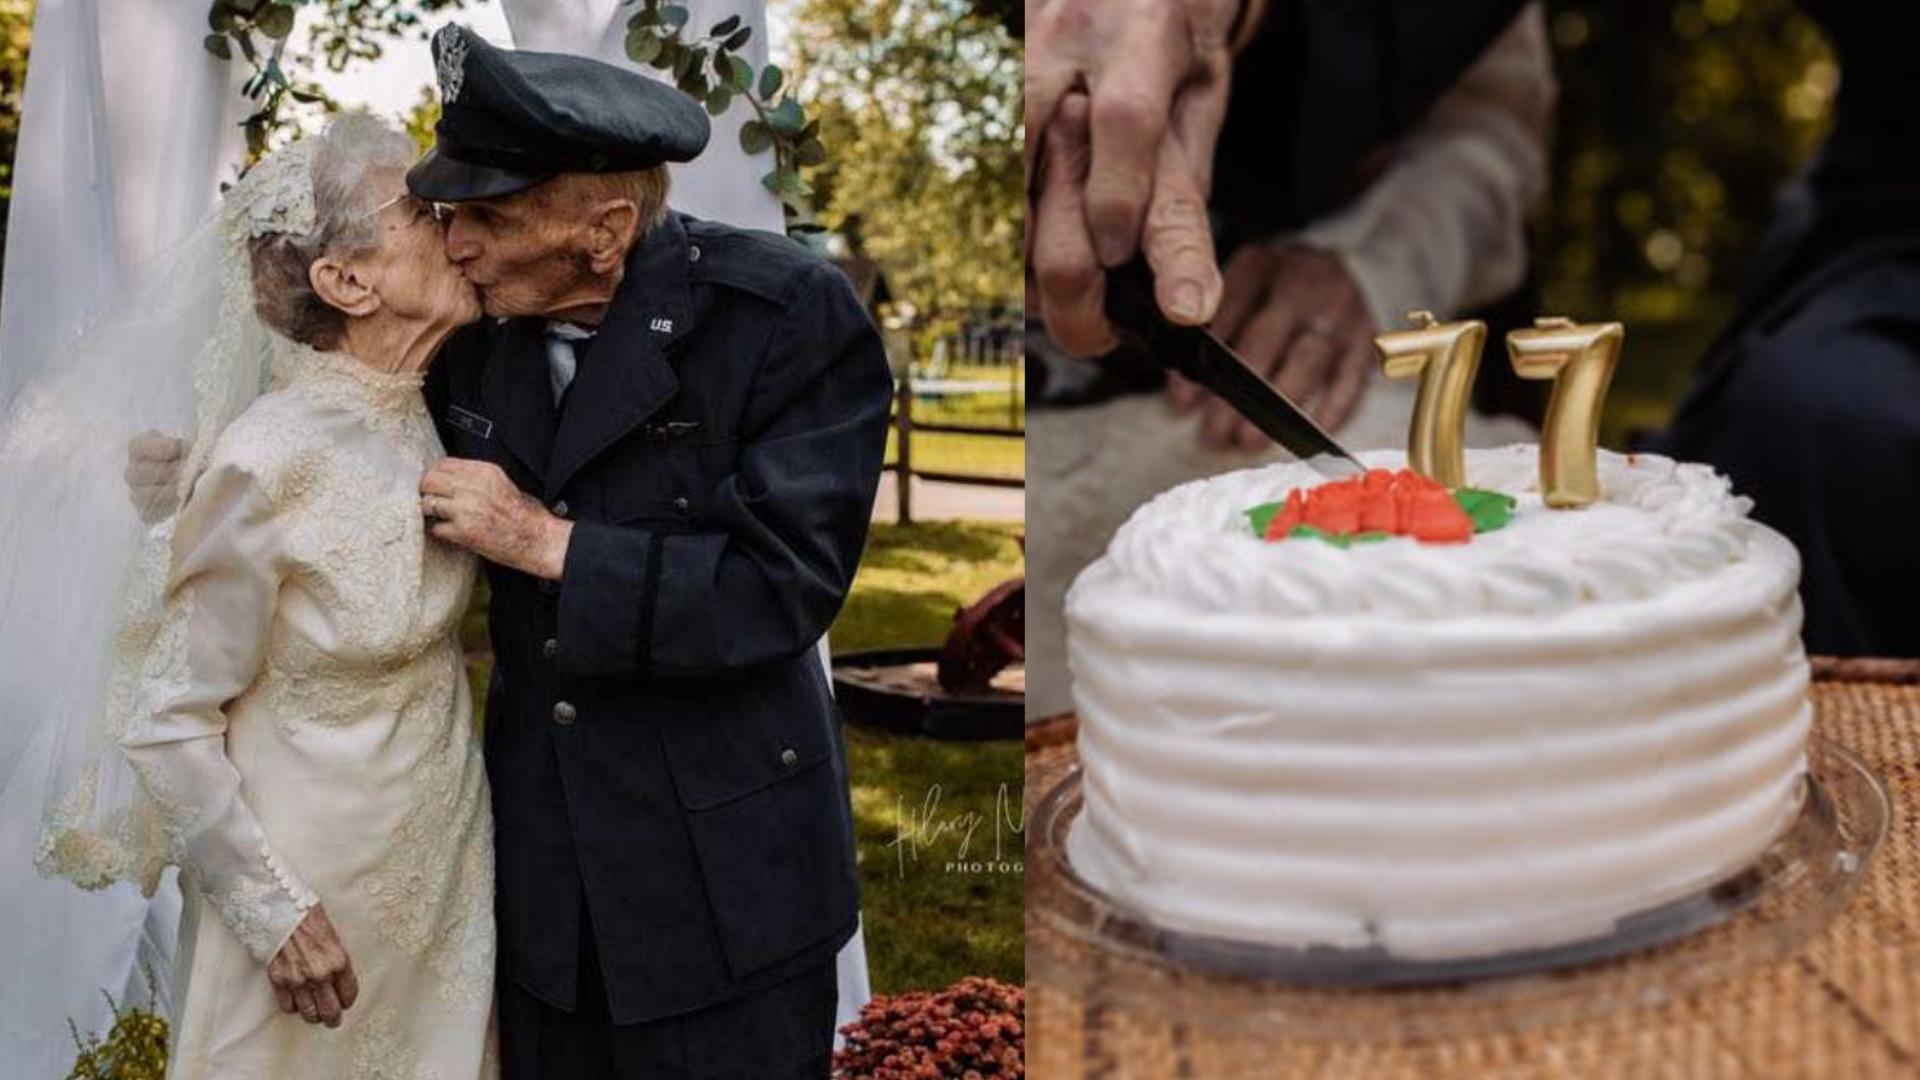 Abuelitos cumplen 77 años juntos y hacen la boda de sus sueños